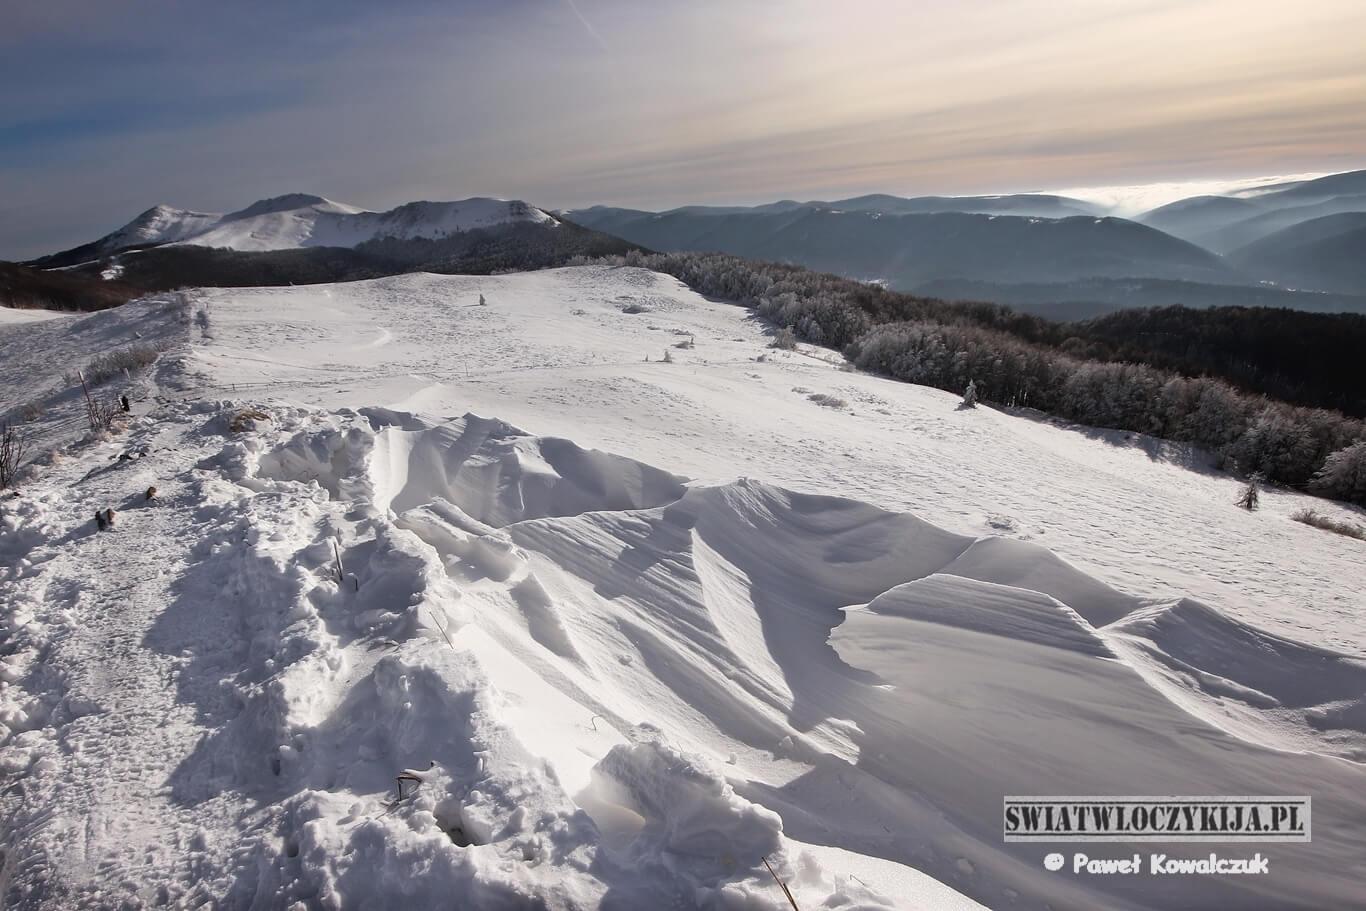 Bieszczady - widok ze szczytu Smerek. Na pierwszym planie wyżłobiony przez wiatr śnieg. W tle pasma Bieszczad.